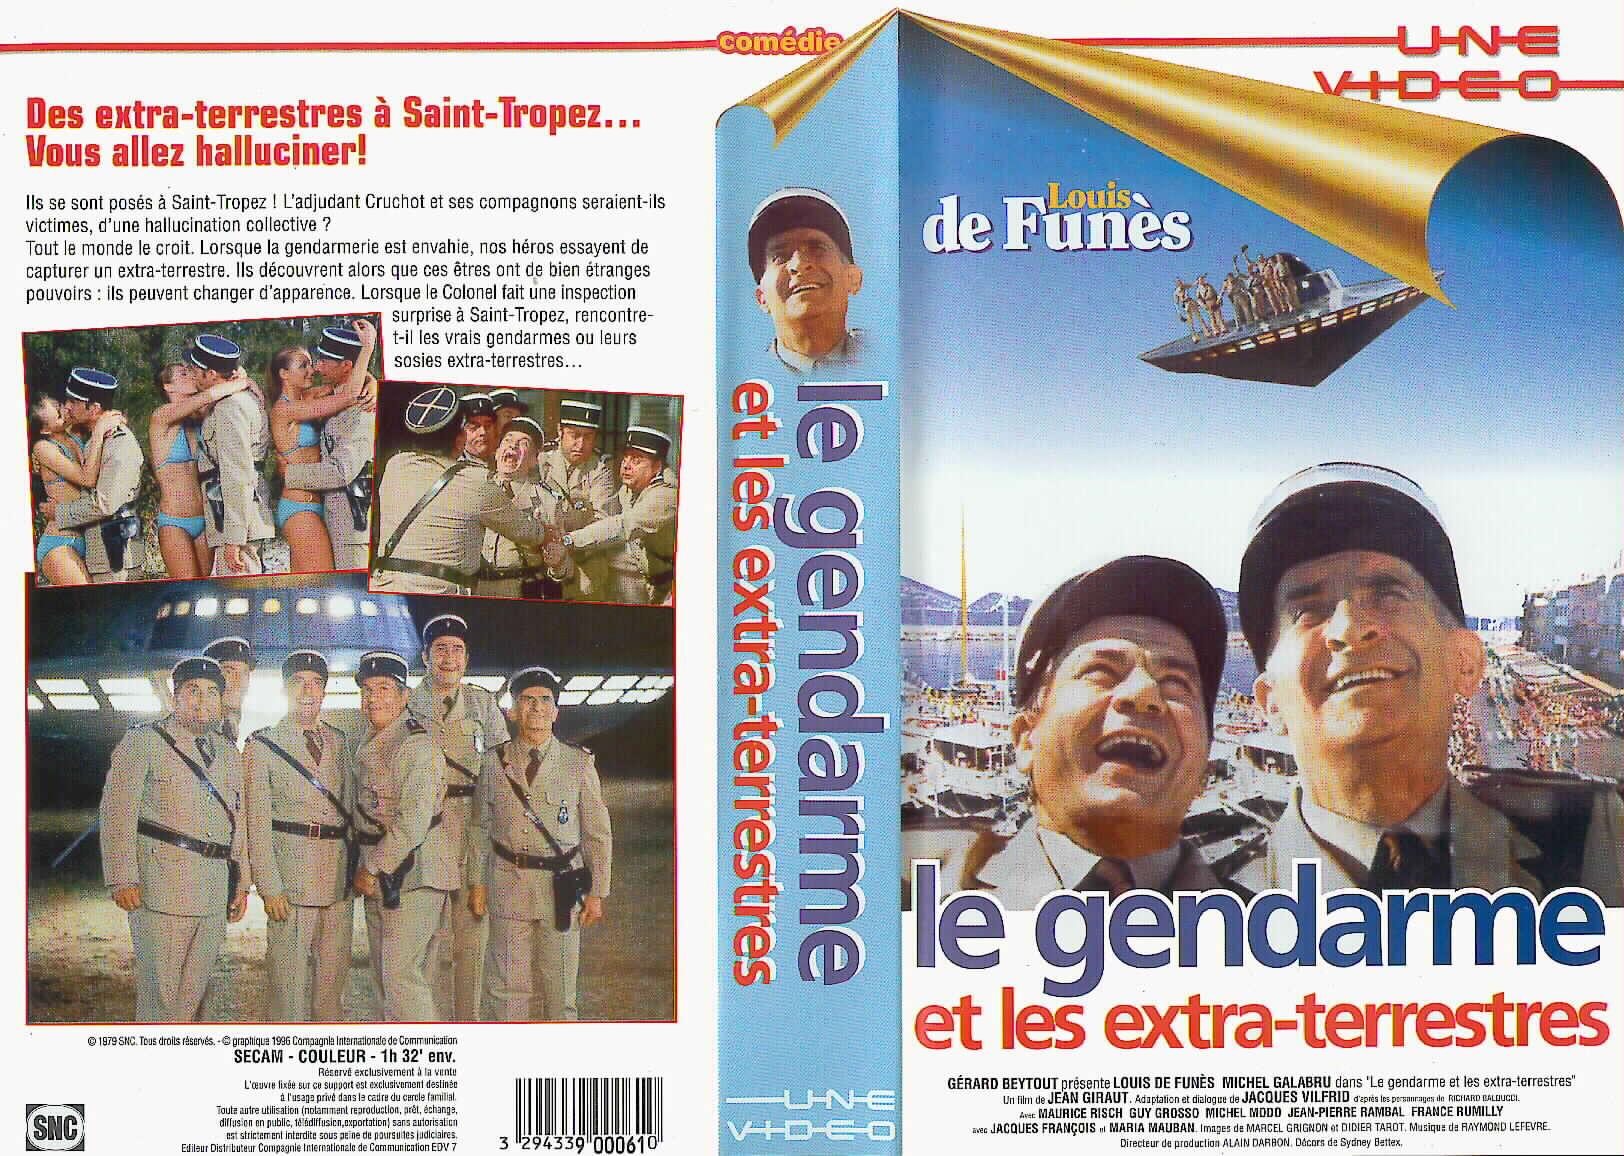 colonel les gendarmes de saint tropez